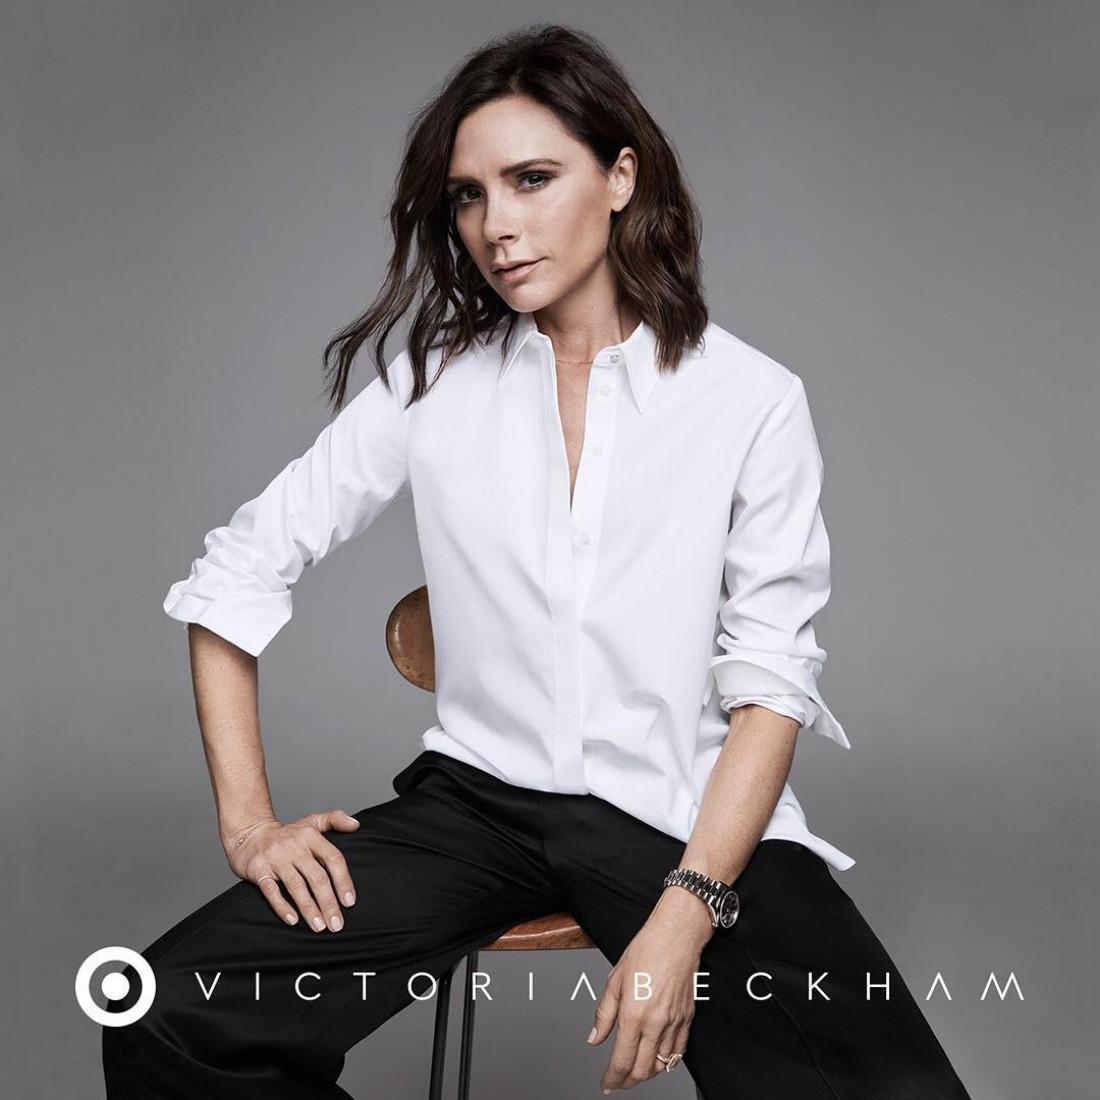 Виктория Бекхэм сожалеет, что увеличила грудь